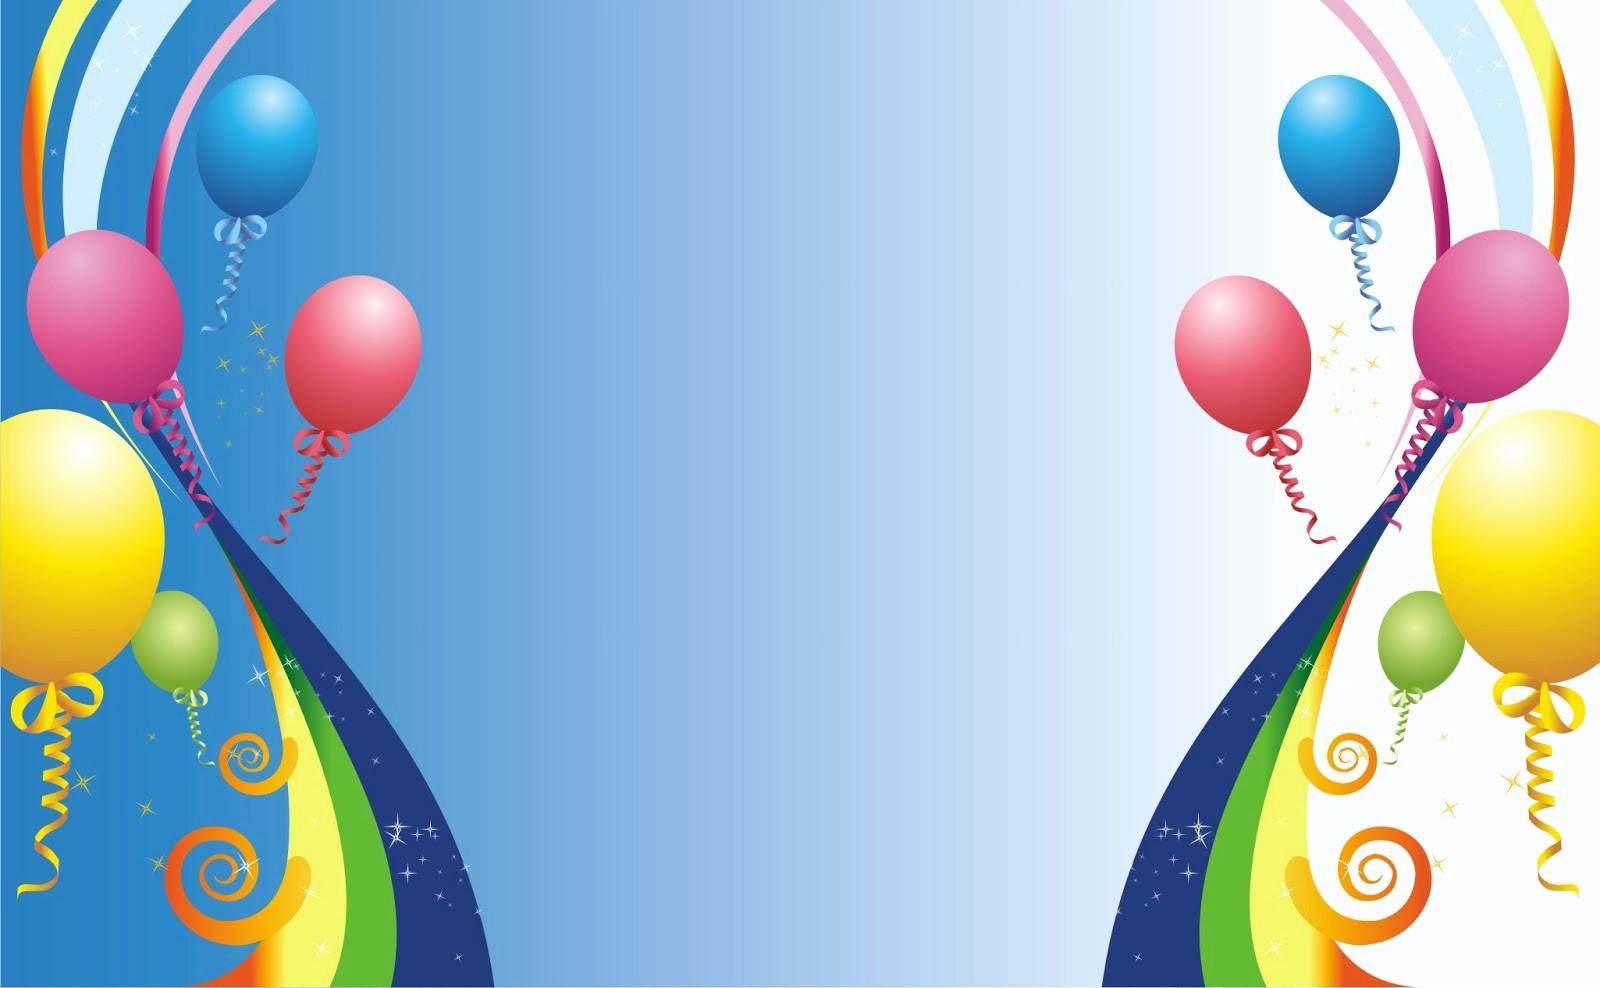 Fondos Para Tarjetas De Cumpleaños Luxury Fondos De Pantalla De Feliz Cumpleaños Happy Birthday